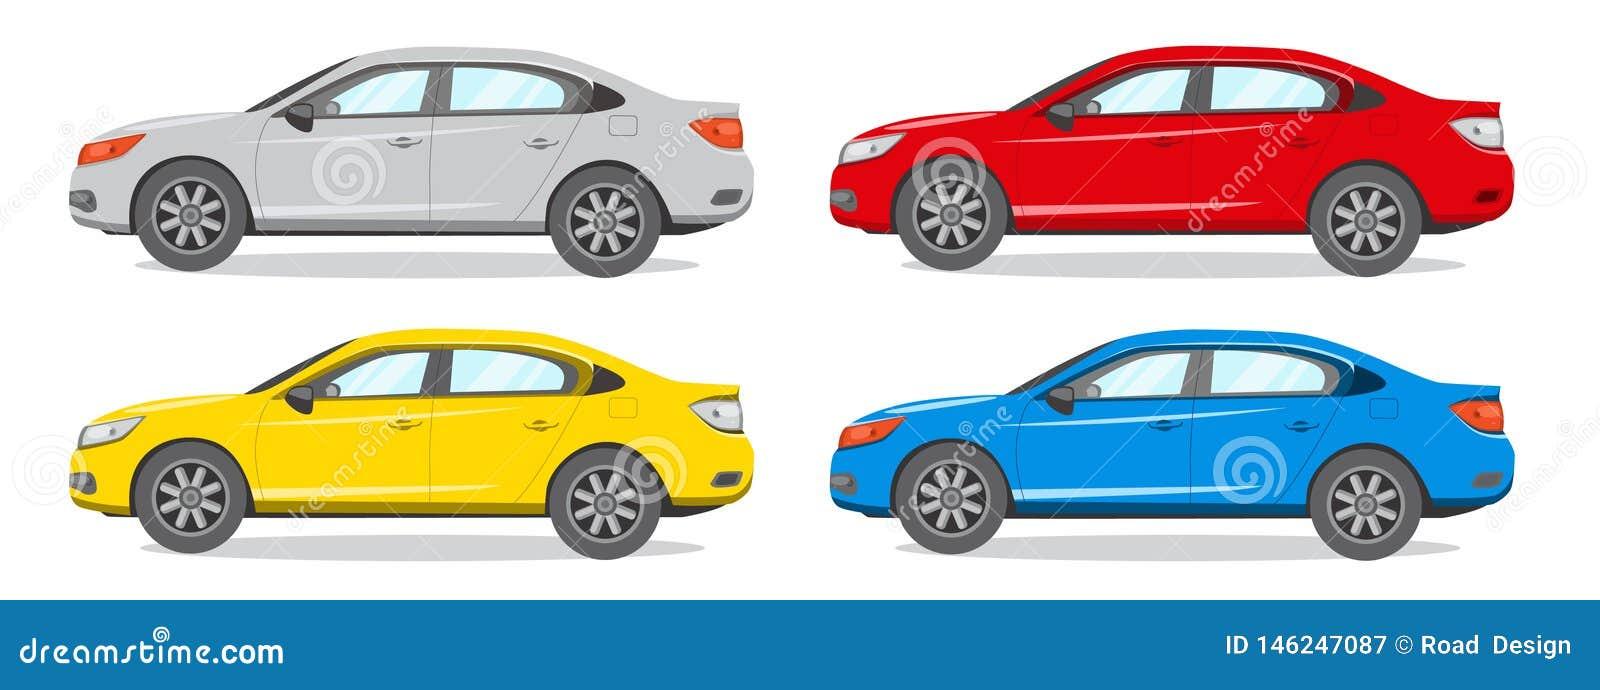 Иллюстрация вектора другого цвета седана Значок автомобиля